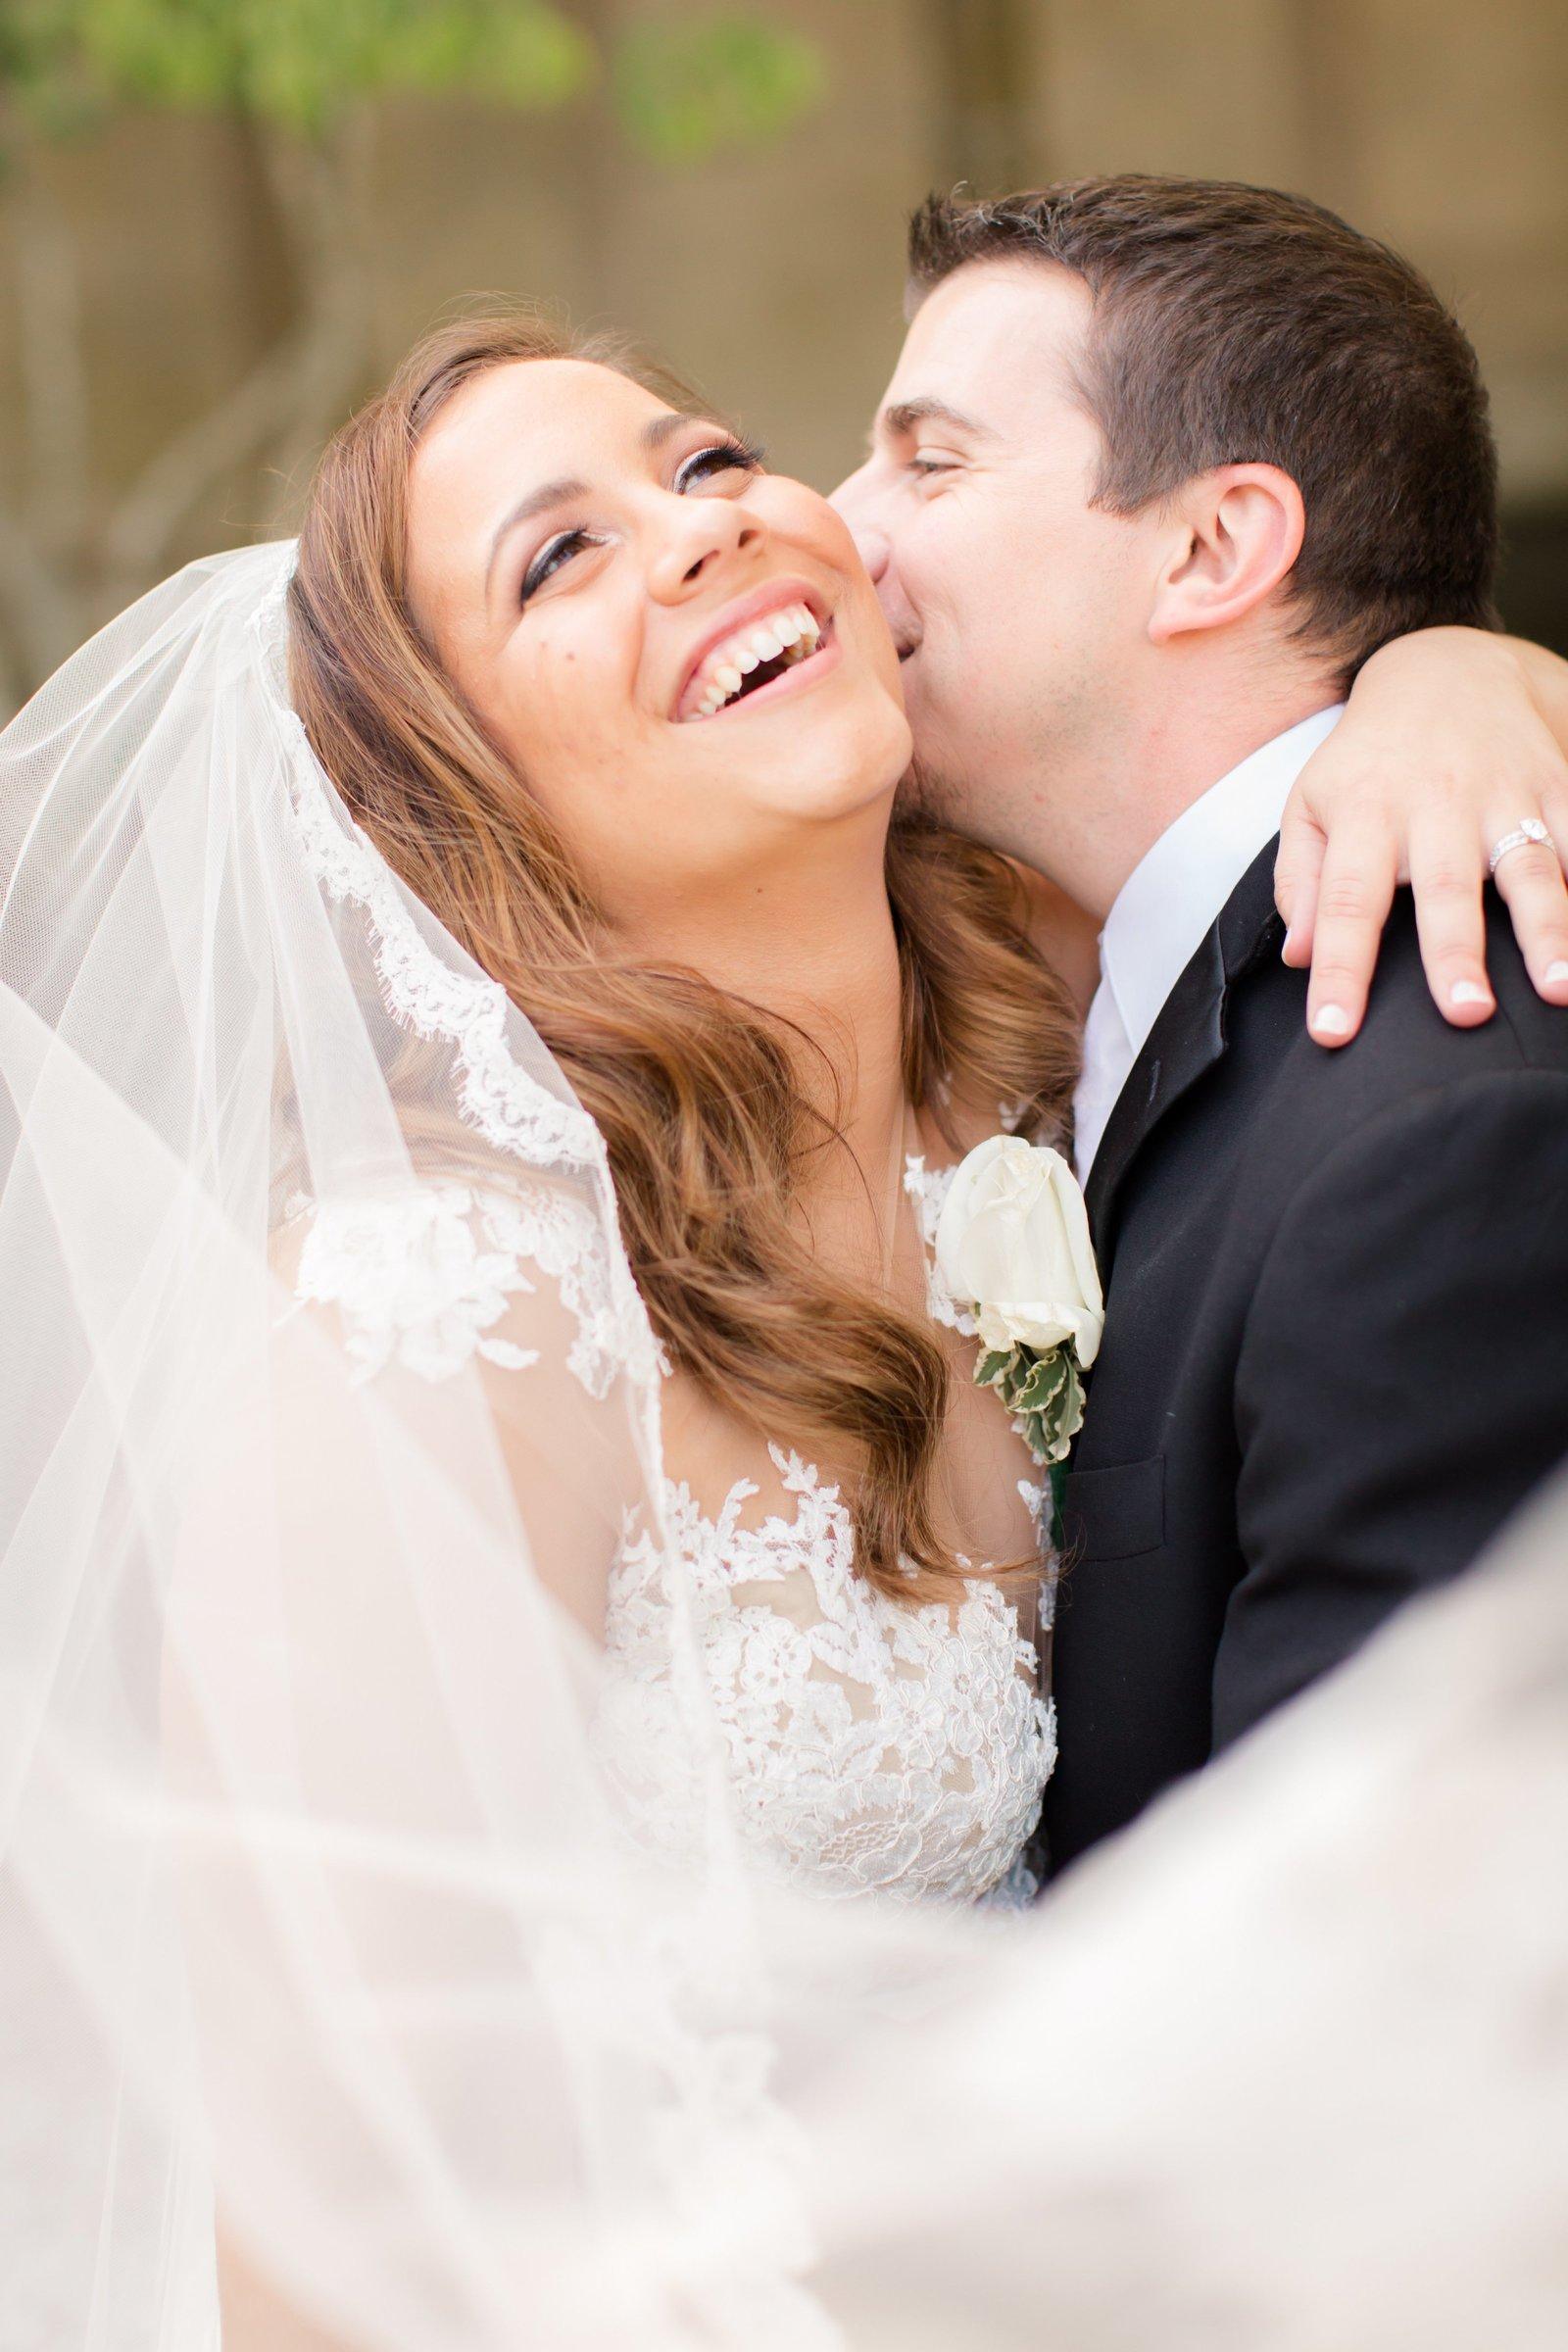 Wedding Photographers NJ | Idalia Photography